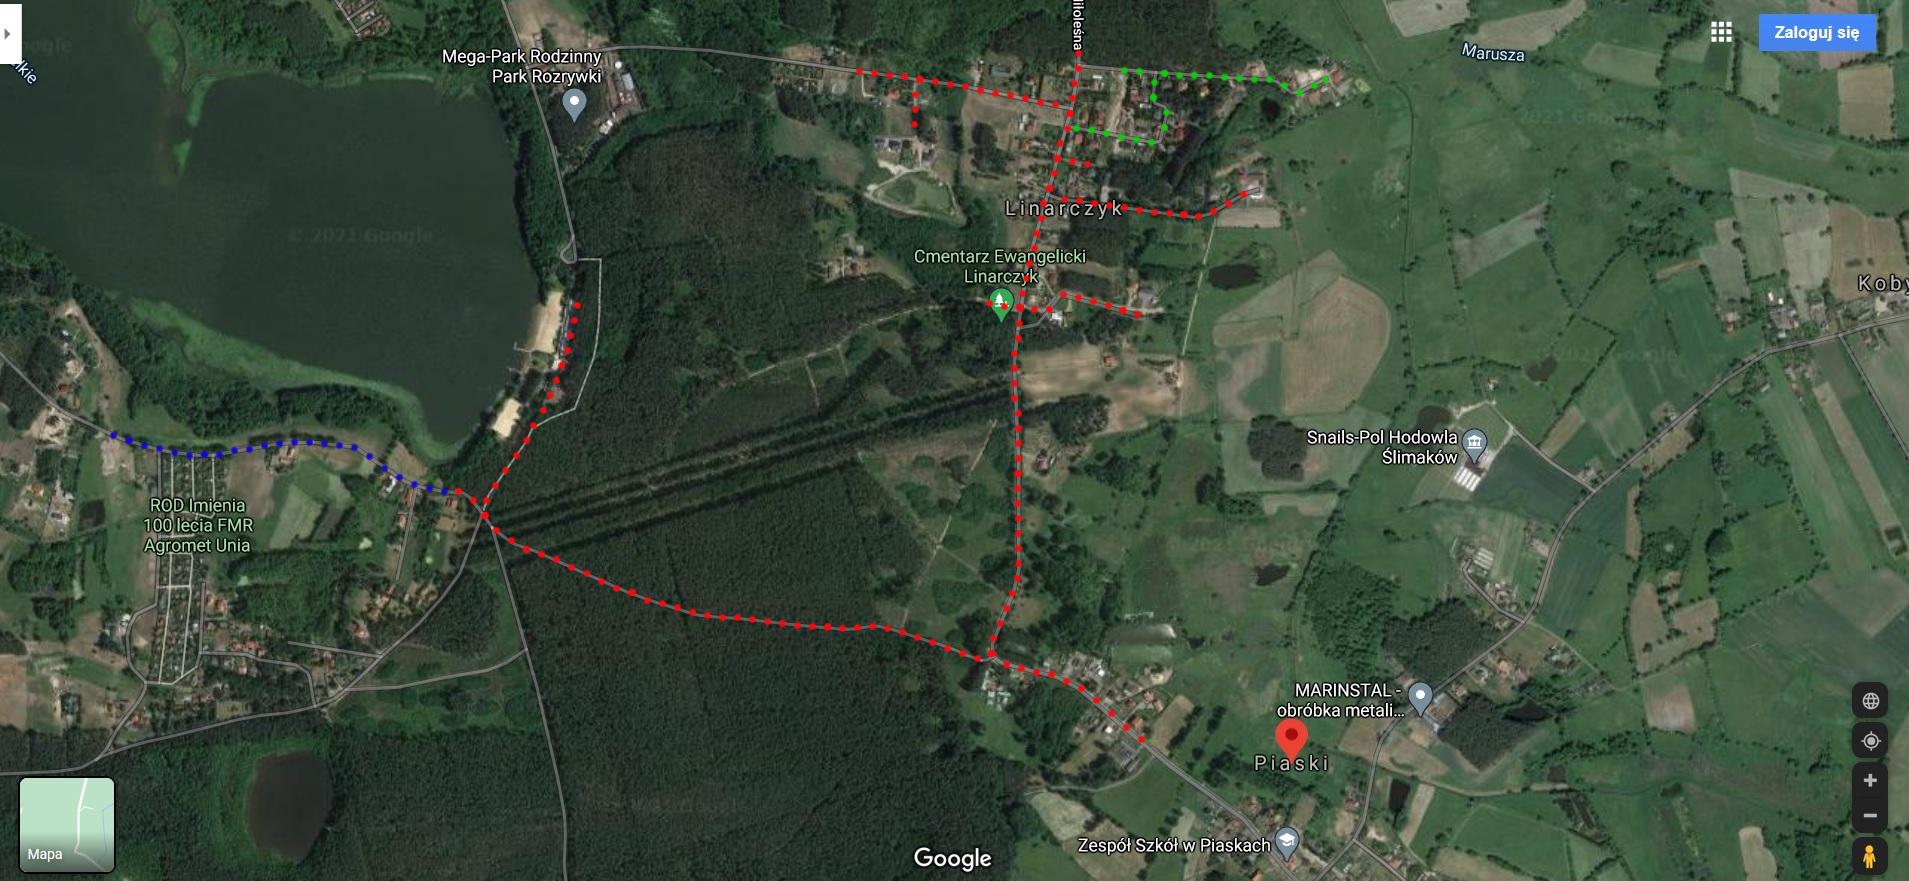 poglądowy schemat przebiegu sieci kanalizacyjnej Piaski-Linarczyk